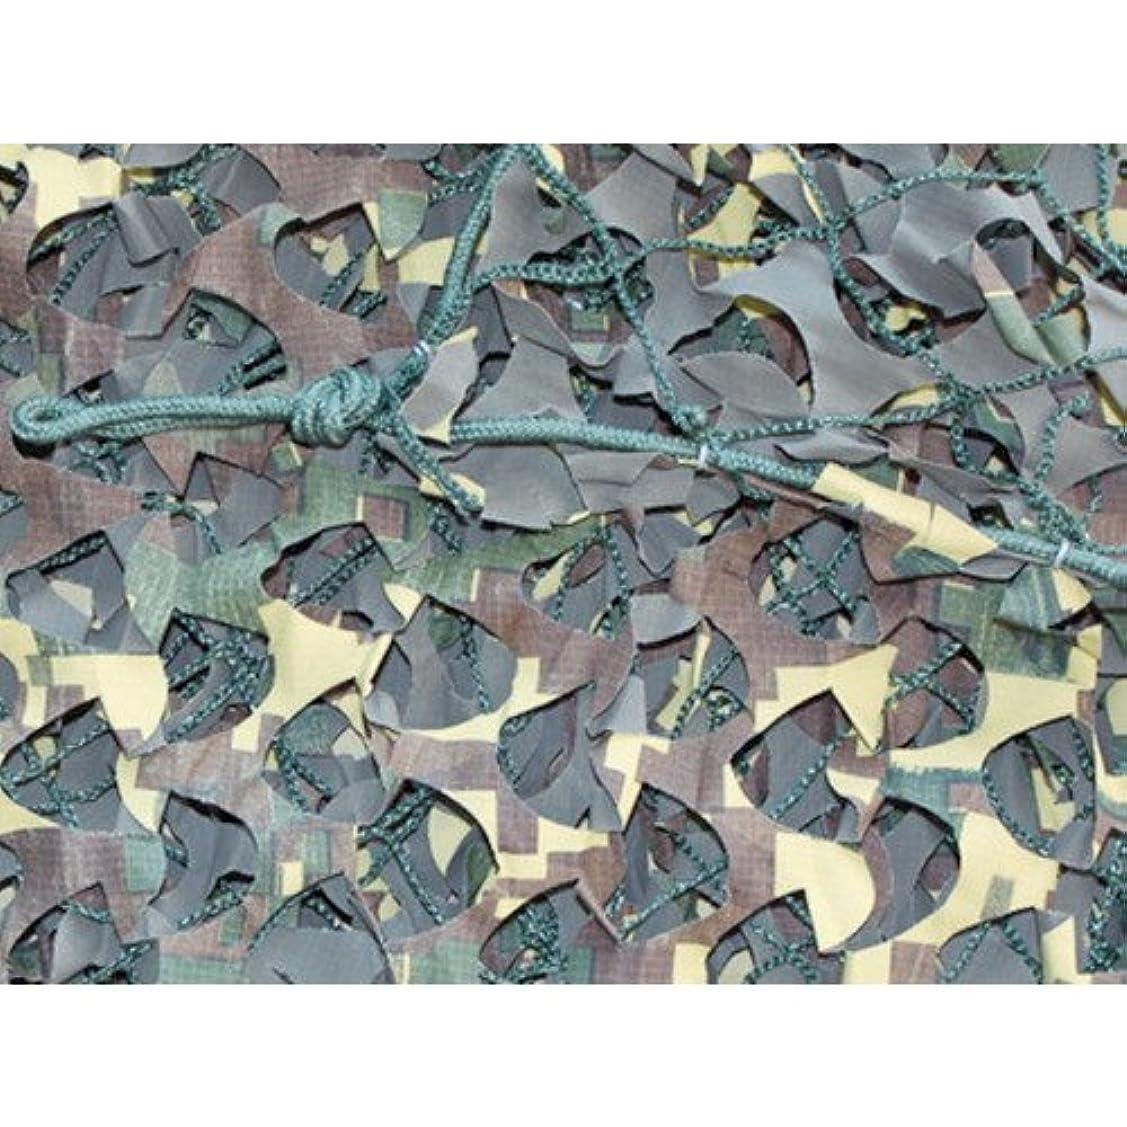 政令新年チャペルトラスコ中山 CAMO スペシャリスト レギュラーXミリタリー キラーカモ 1.8mX6m KK08